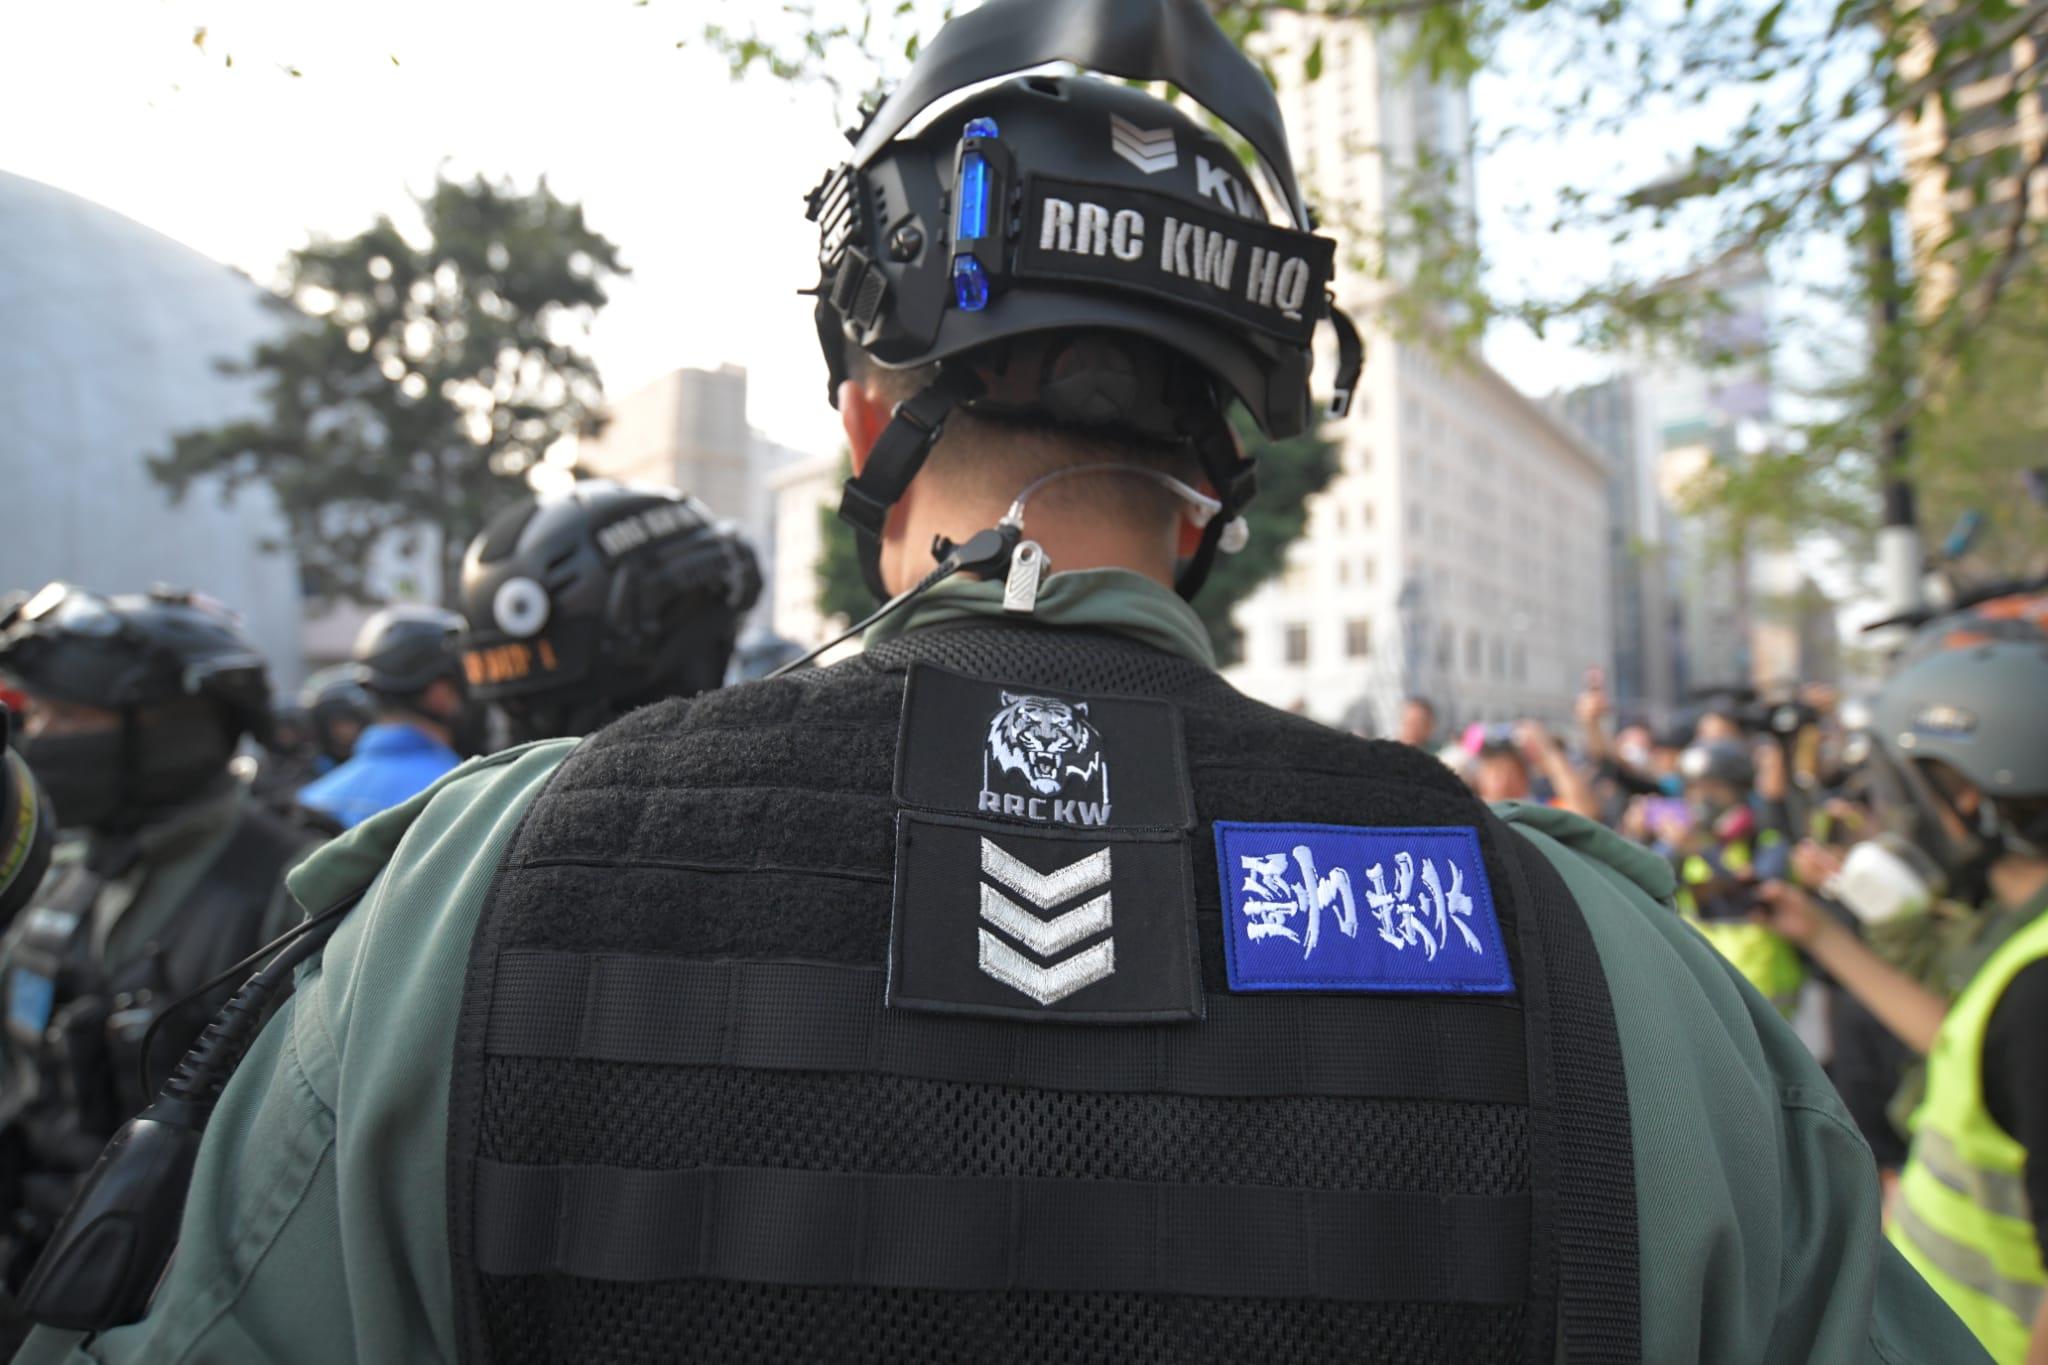 防暴警背心貼「警察勁揪」。